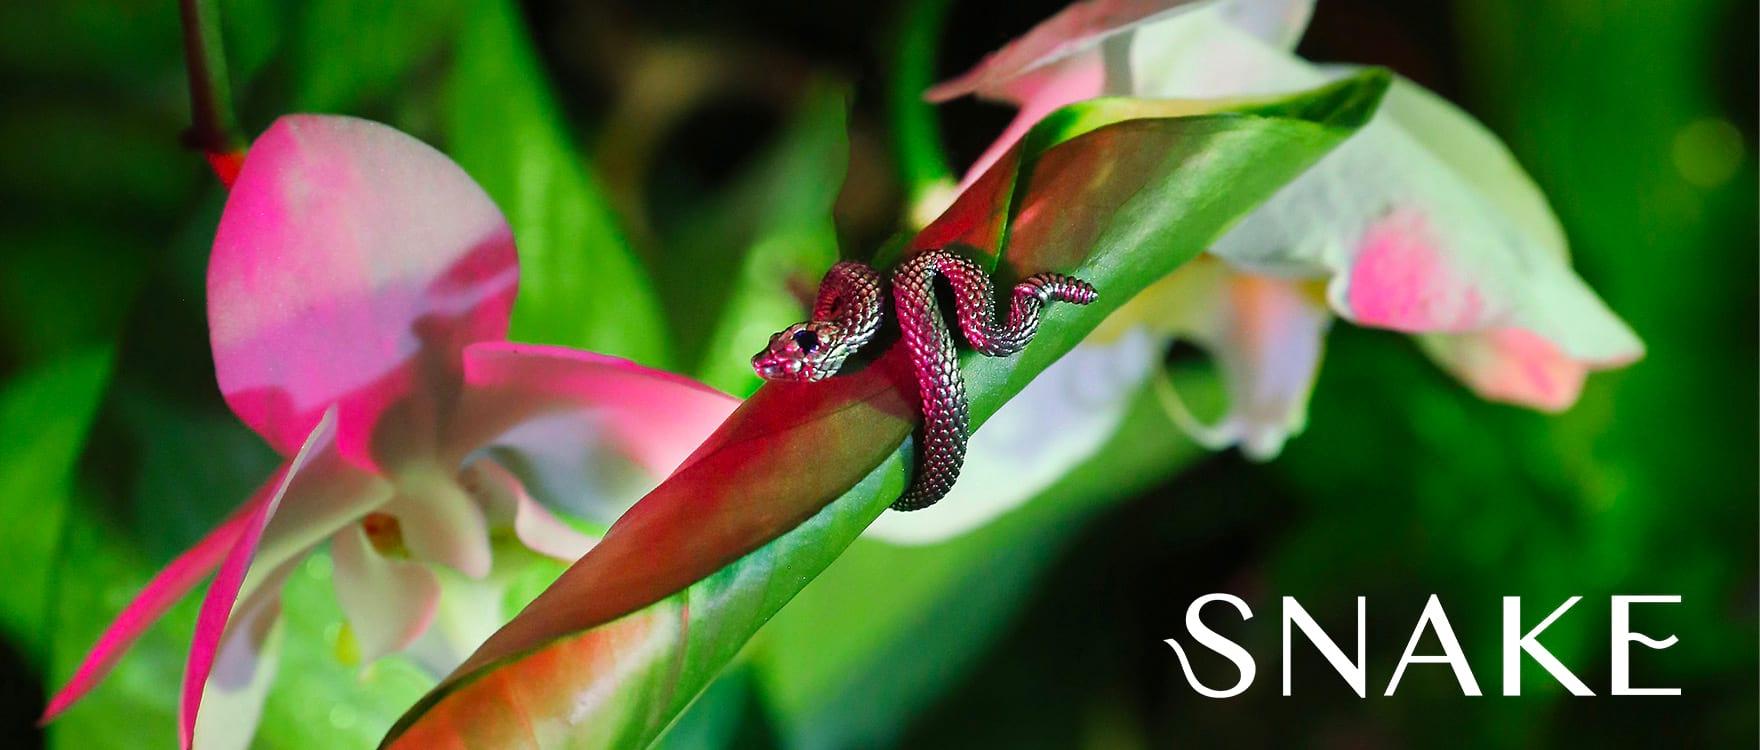 snake_header_desk